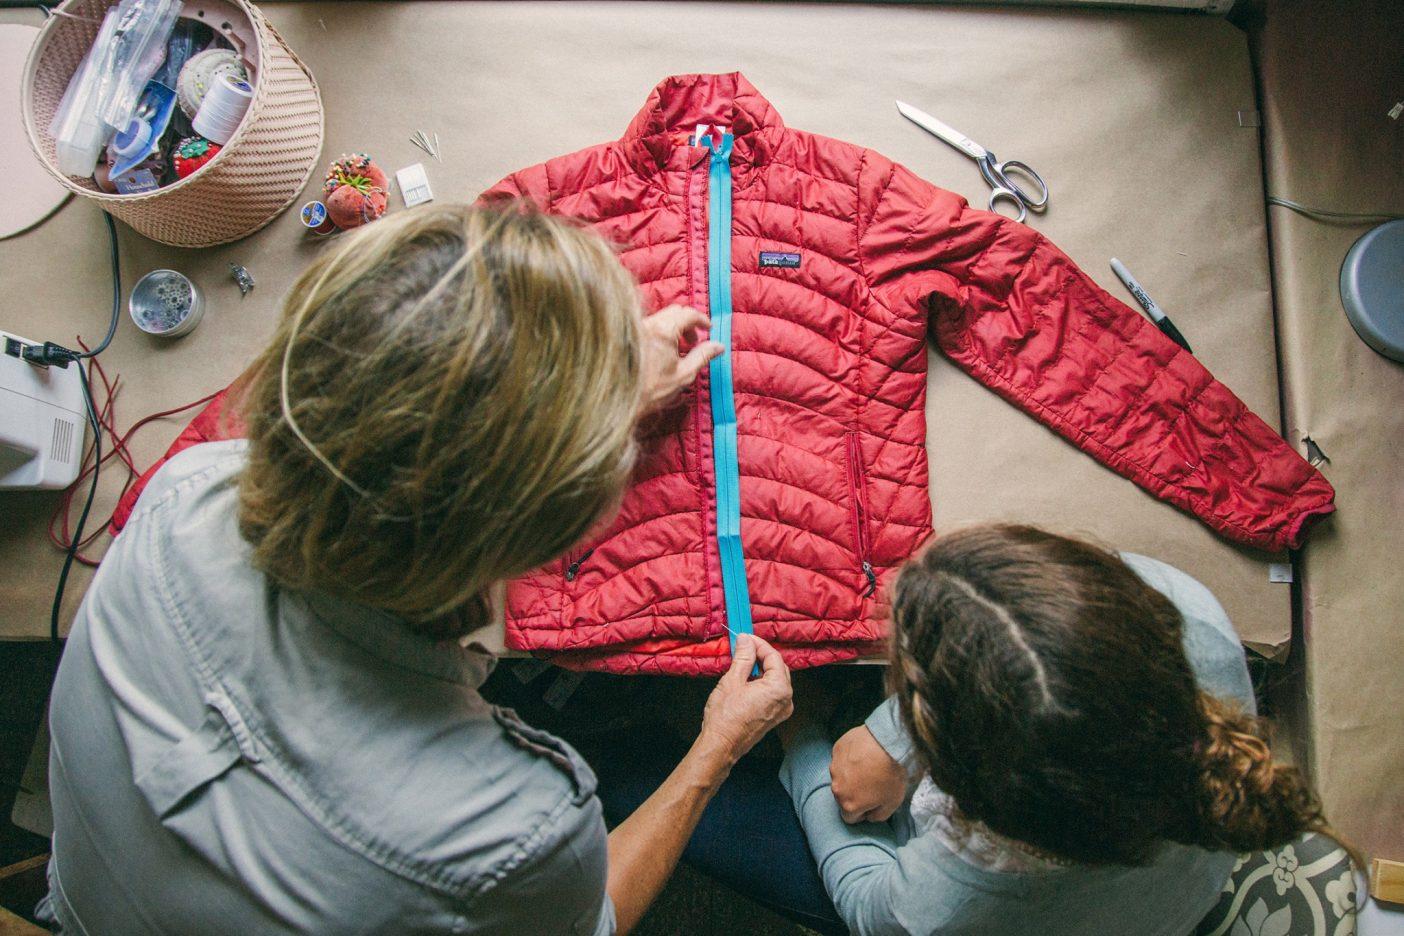 こよなく愛されたおさがりのメインジッパーを取り替えるやり方を、お母さんのエリンに教えてもらうアンナ・パタ。ものを修理する方法は、それを小さい頃からやってきた人に学ぶのがいちばん。Photo: Donnie Hedden